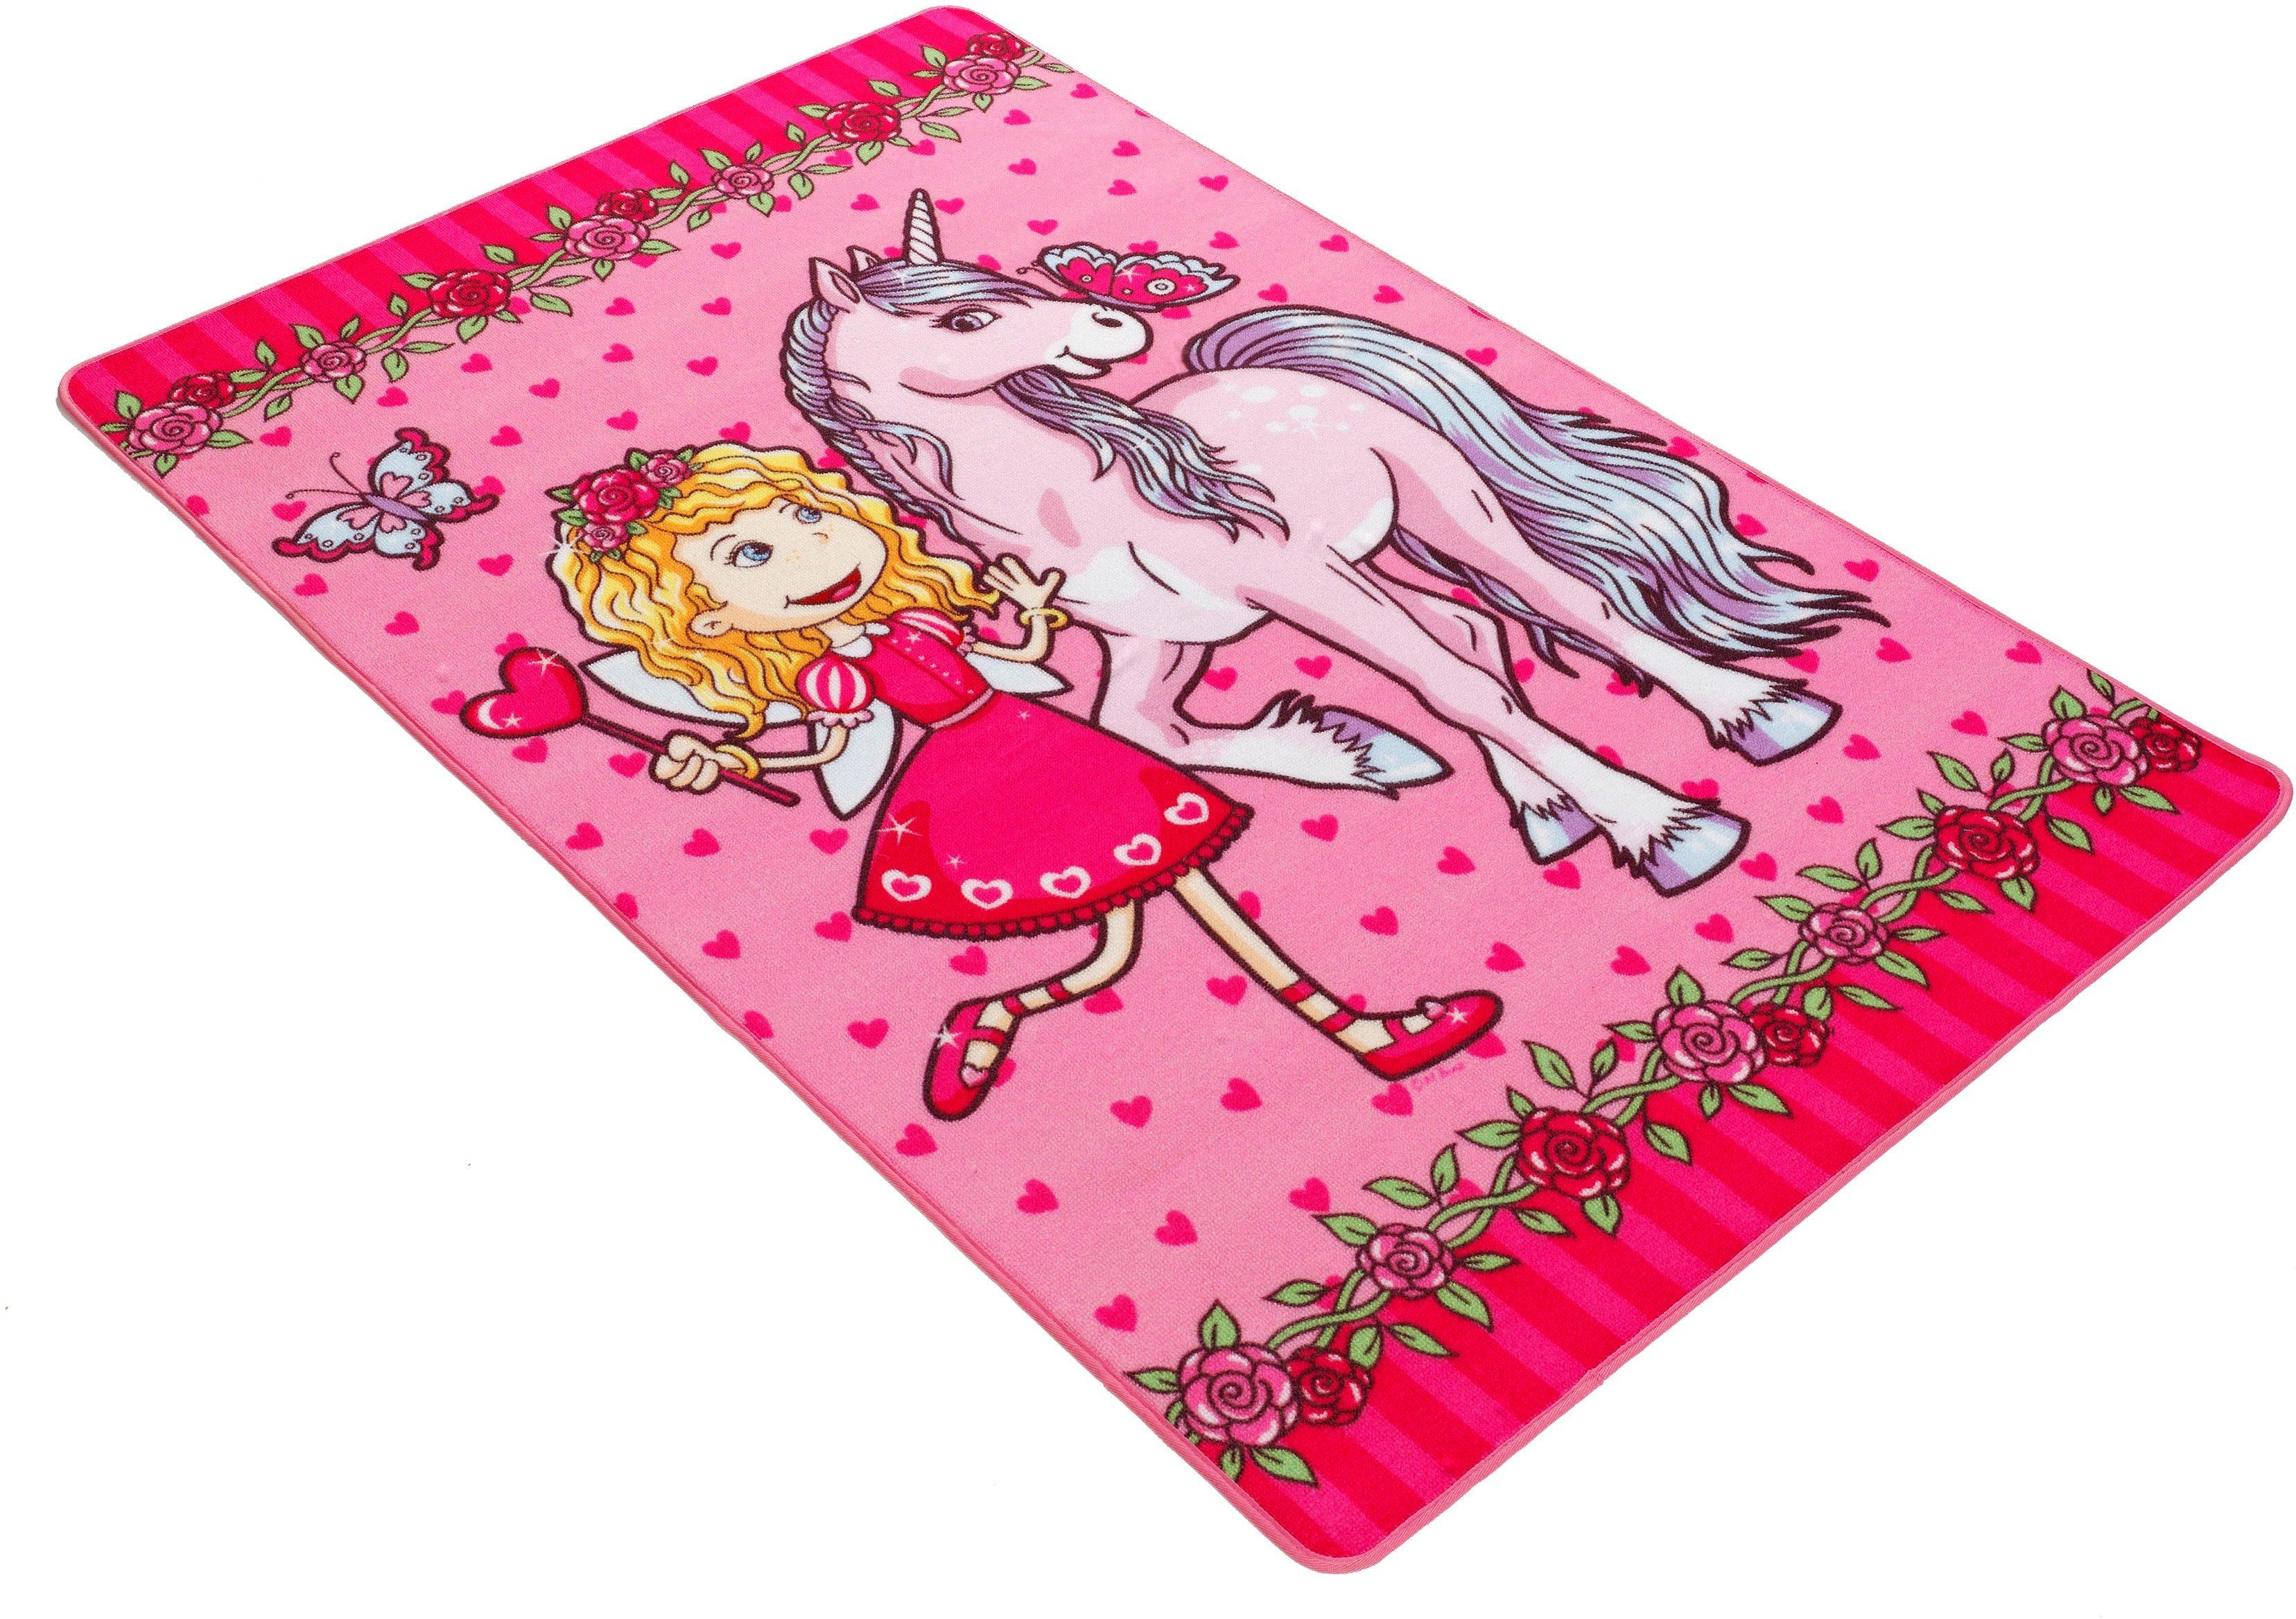 Fußmatte, Böing Carpet, »Lovely Kids LK-9«, rutschhemmend beschichtet